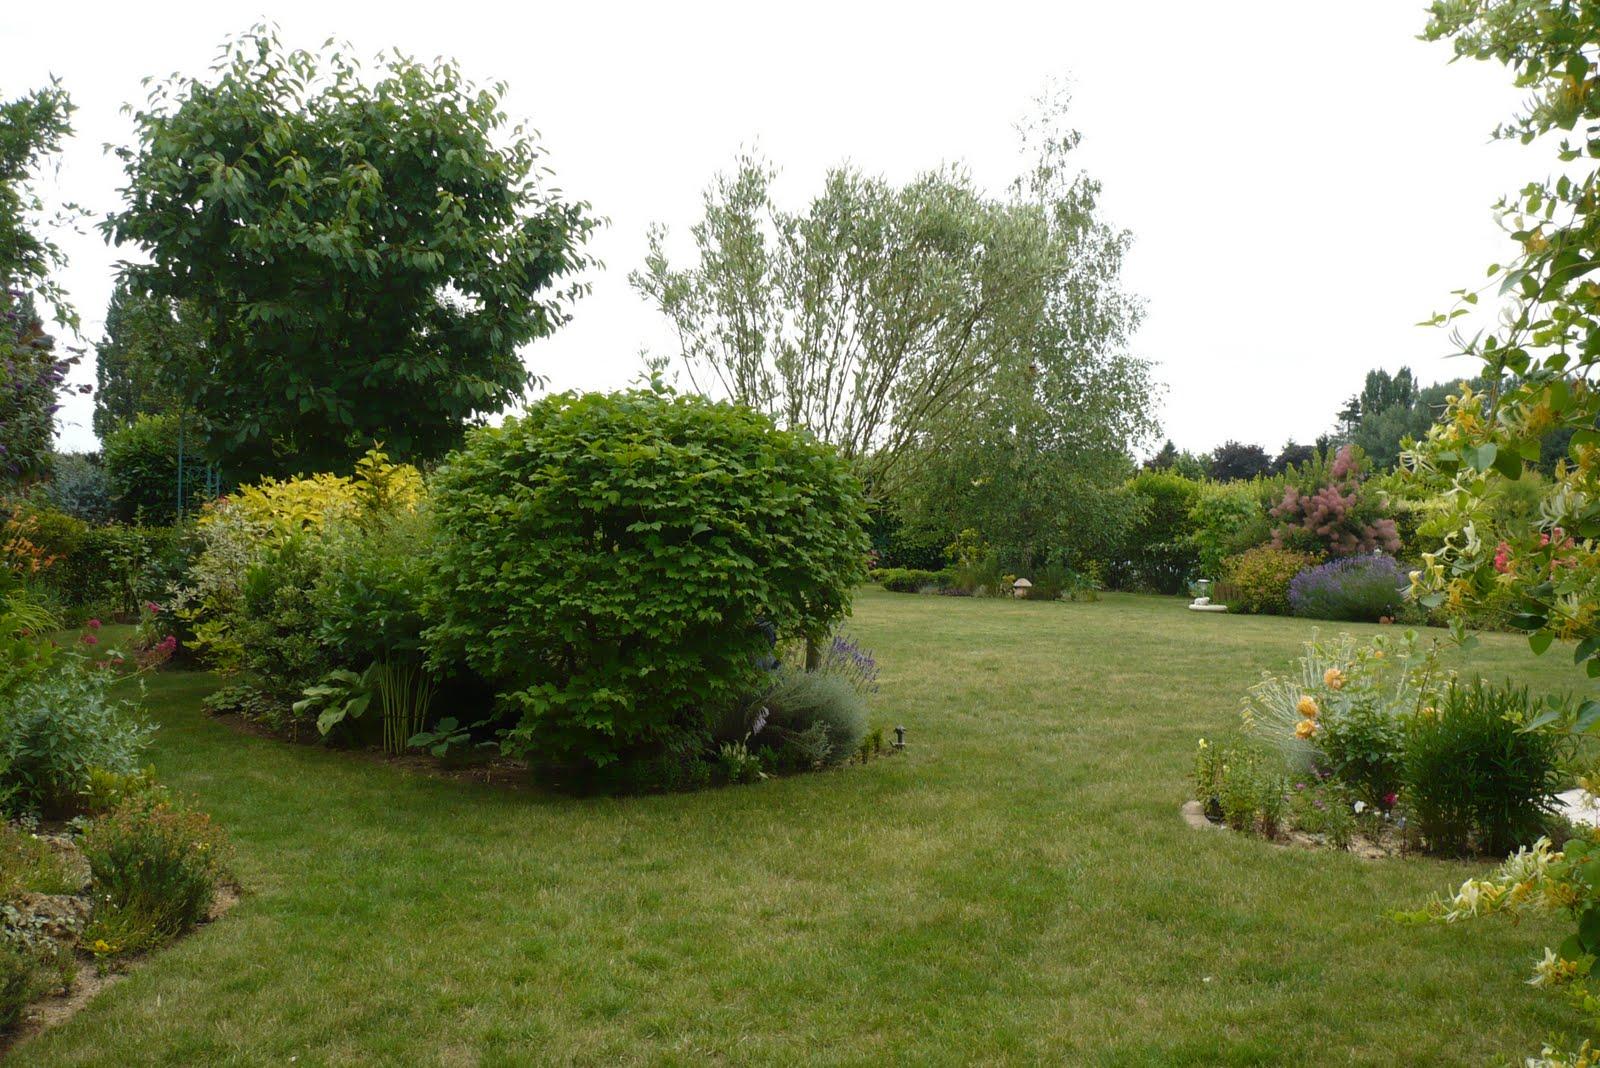 Le jardin de pacalou l olivier for Jardin olivier